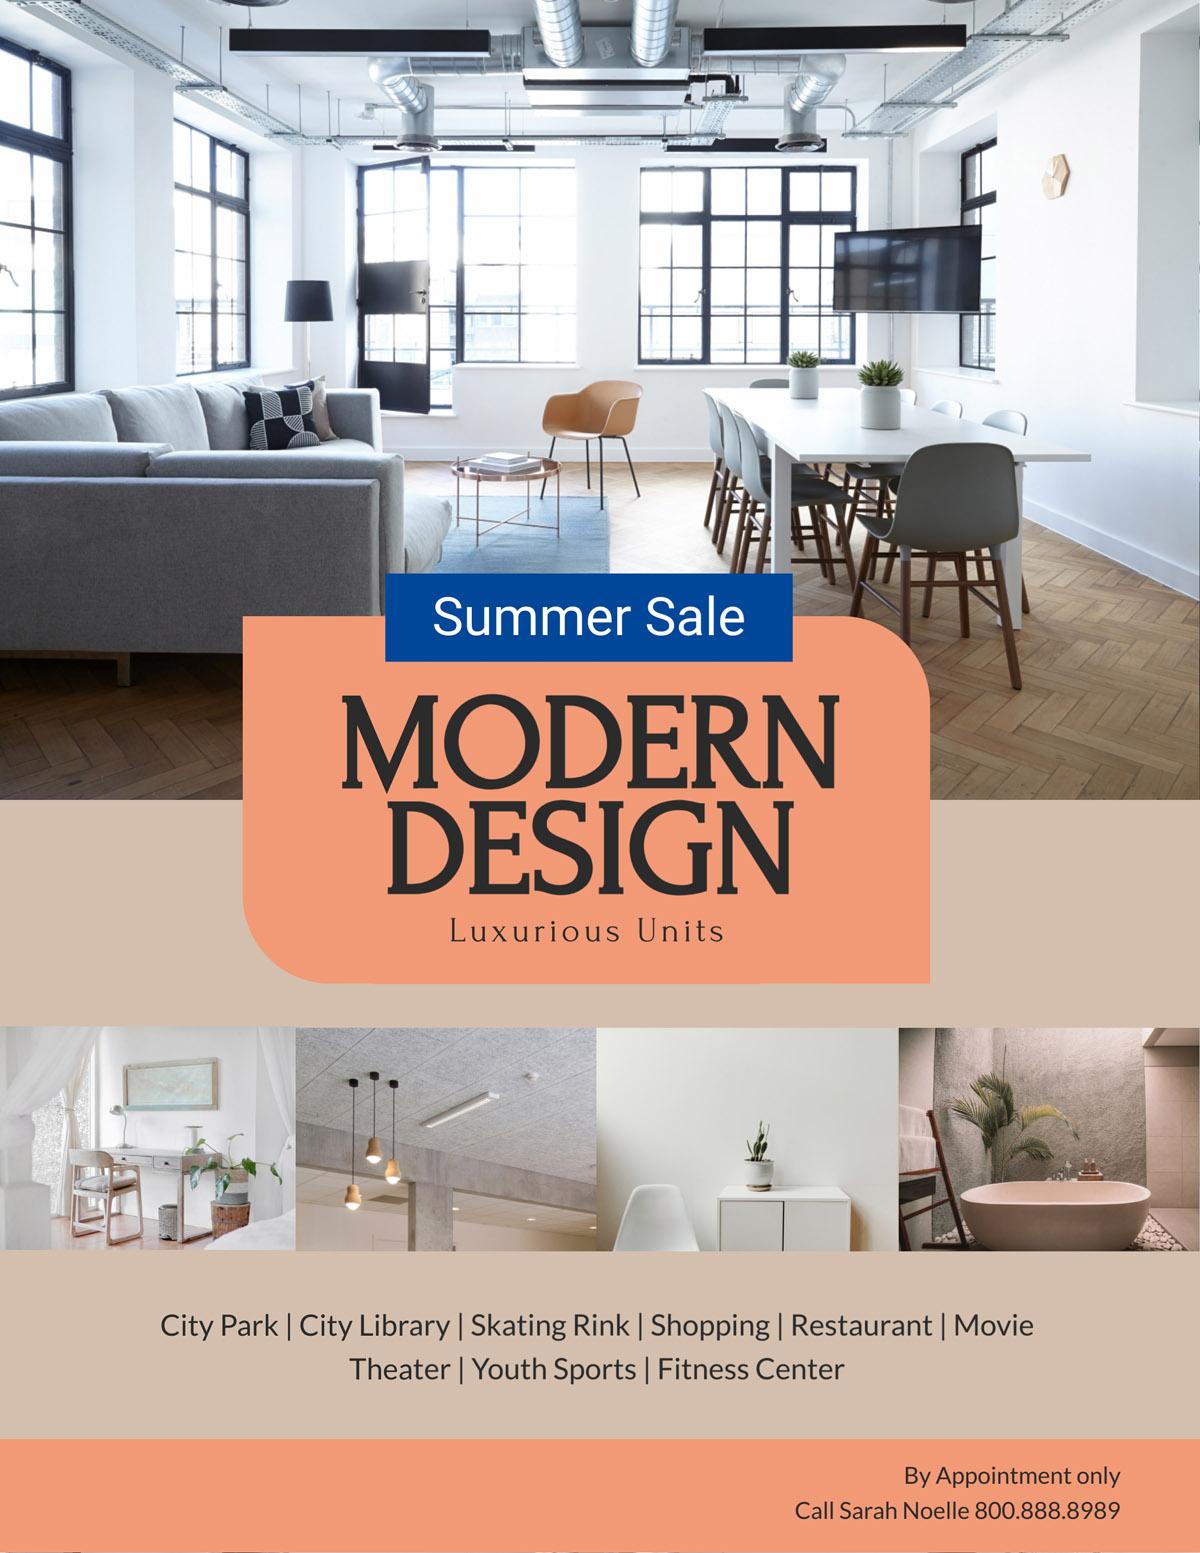 flyer templates - modern design real estate